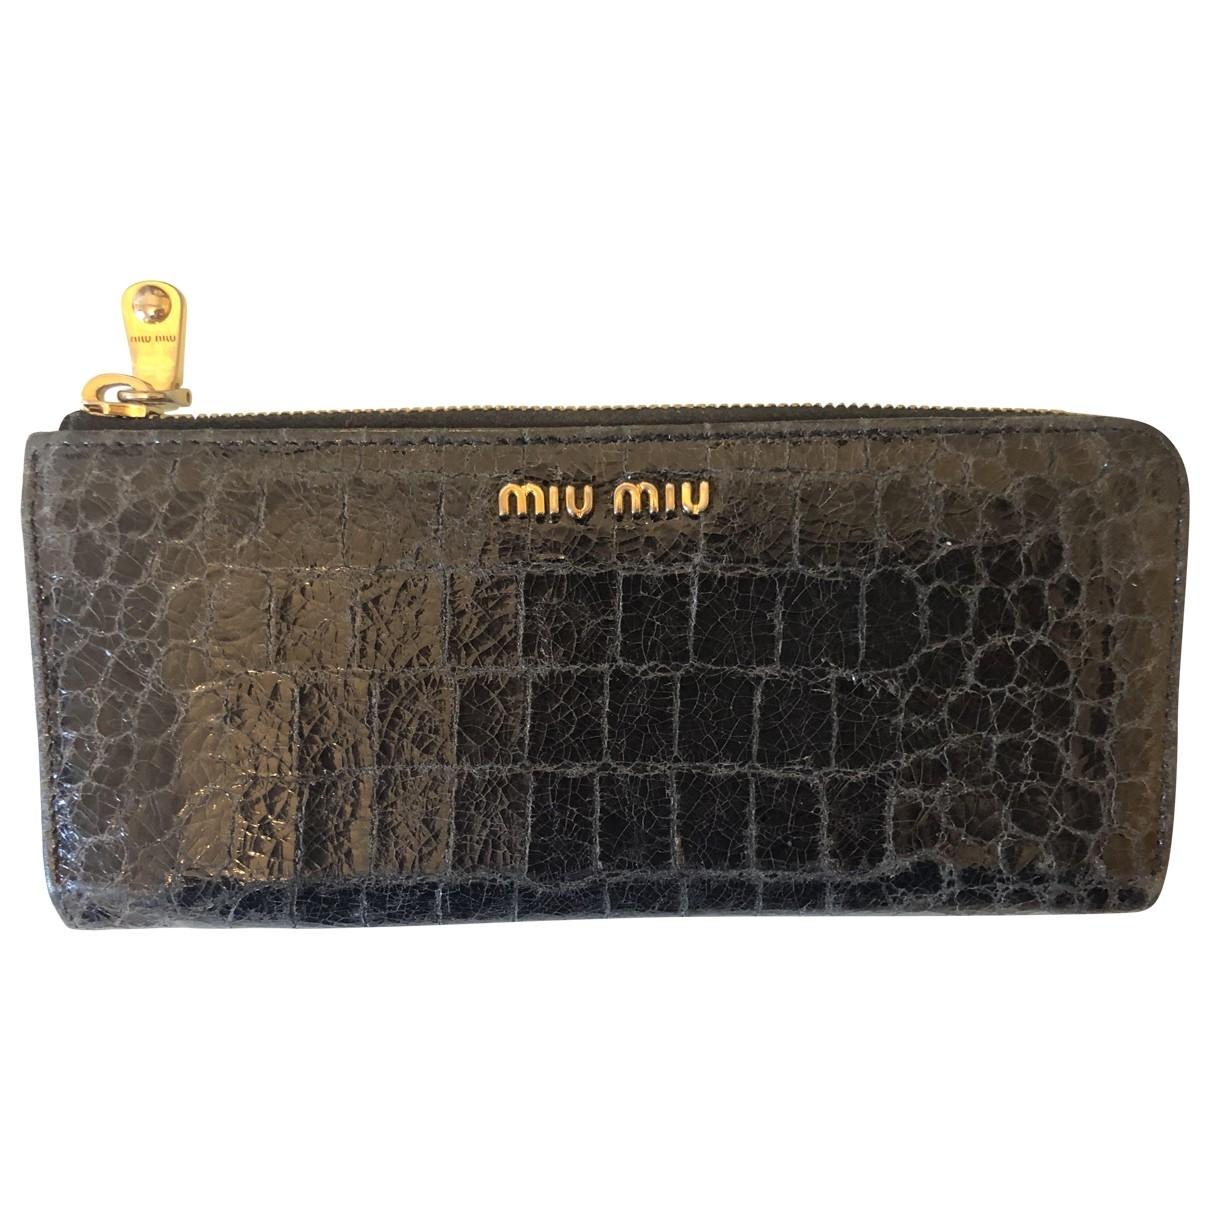 Miu Miu - Portefeuille   pour femme en cuir verni - noir